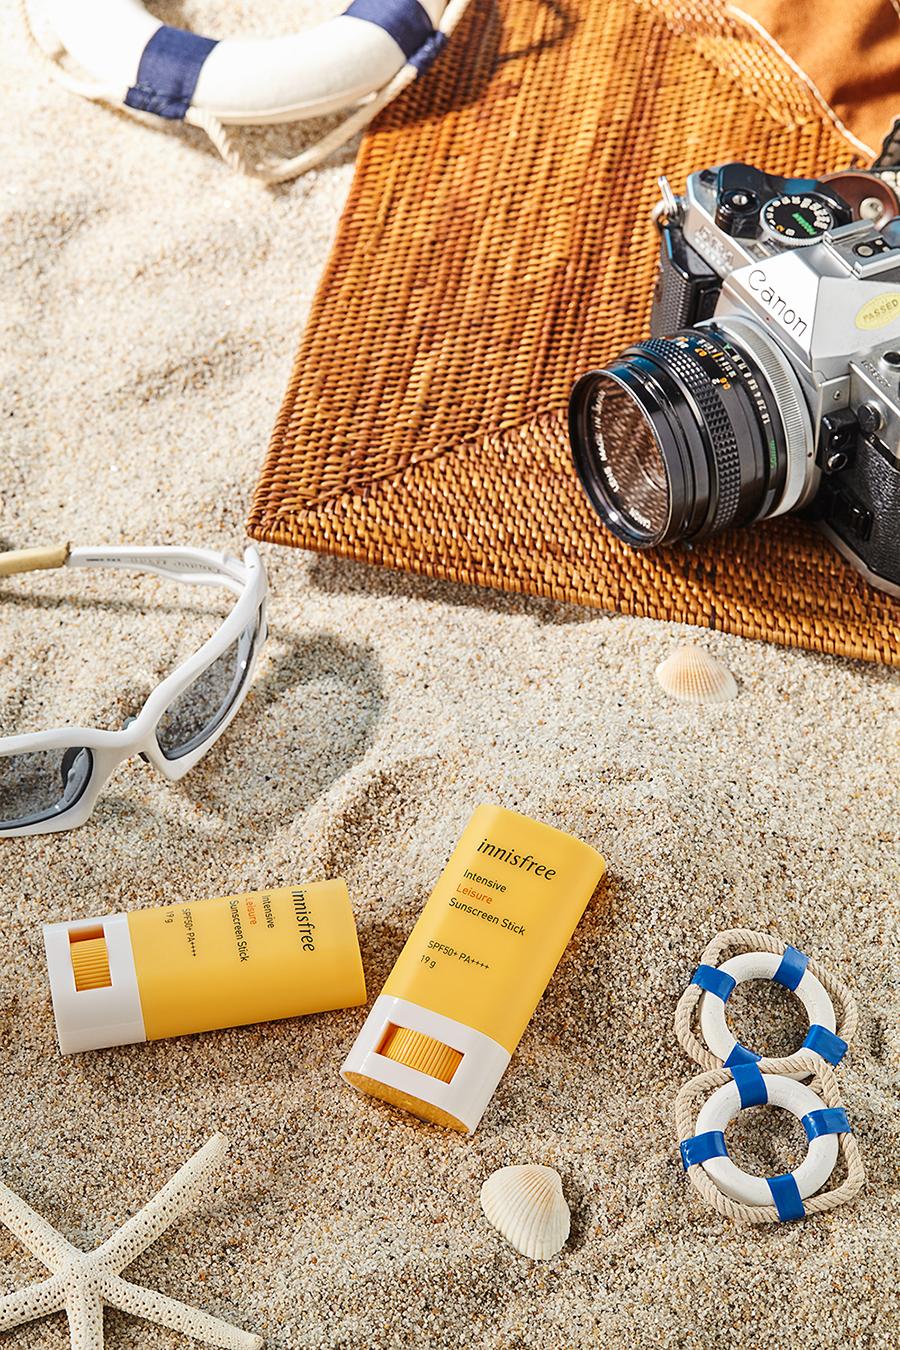 kem chống nắng dạng thỏi lăn innisfree trên bãi cát